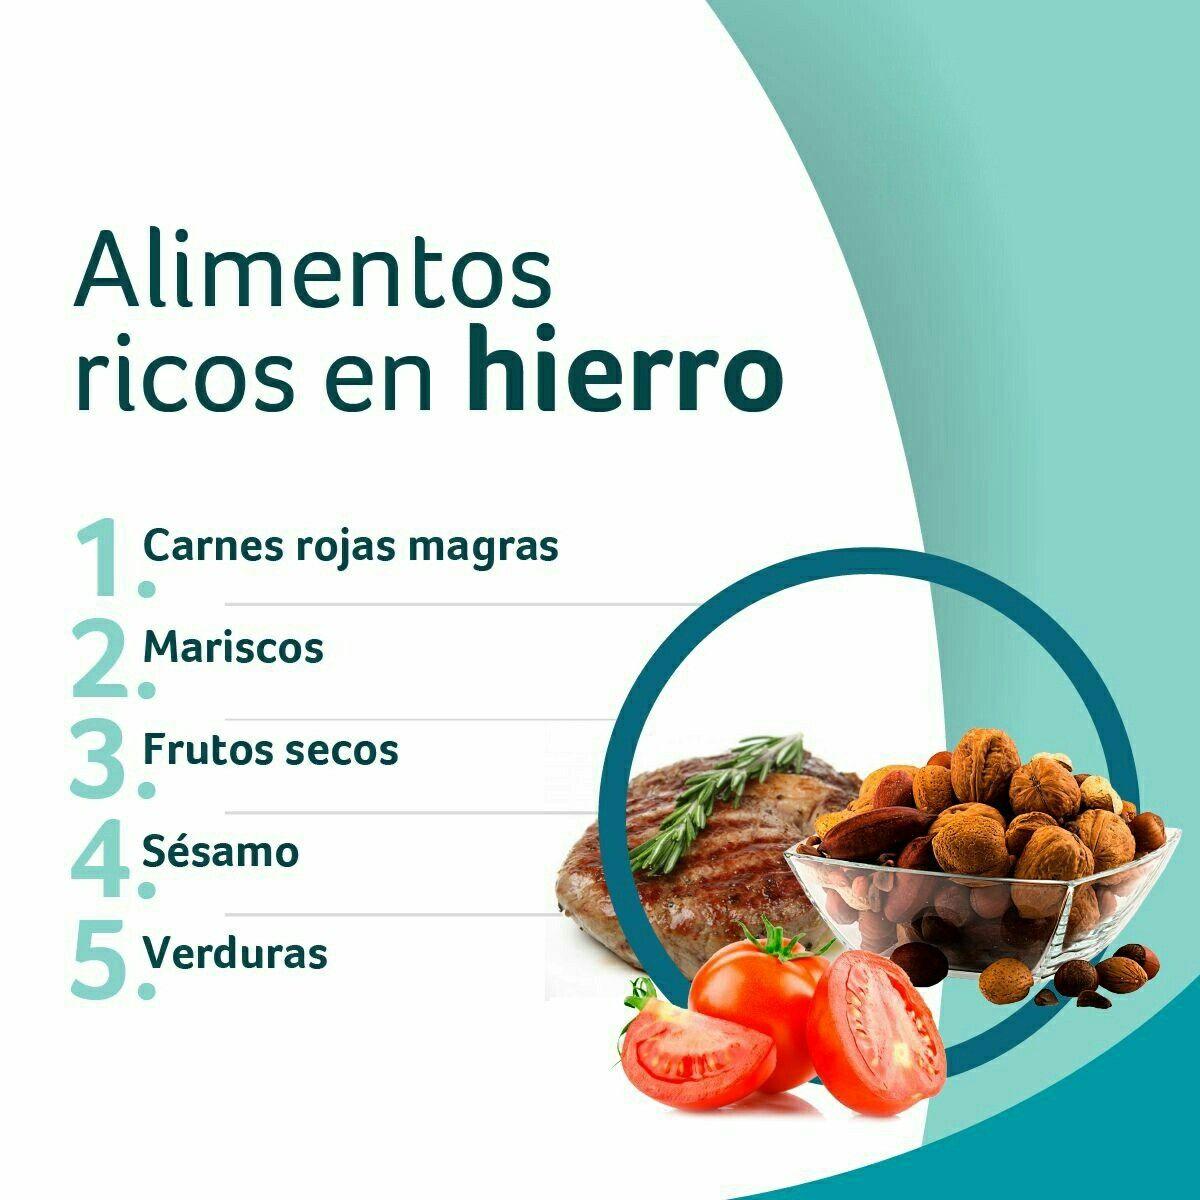 Pin De Fabiana Scanferla Sandoval En Vitaminas En 2020 Salud Y Nutricion Beneficios De Alimentos Alimentos